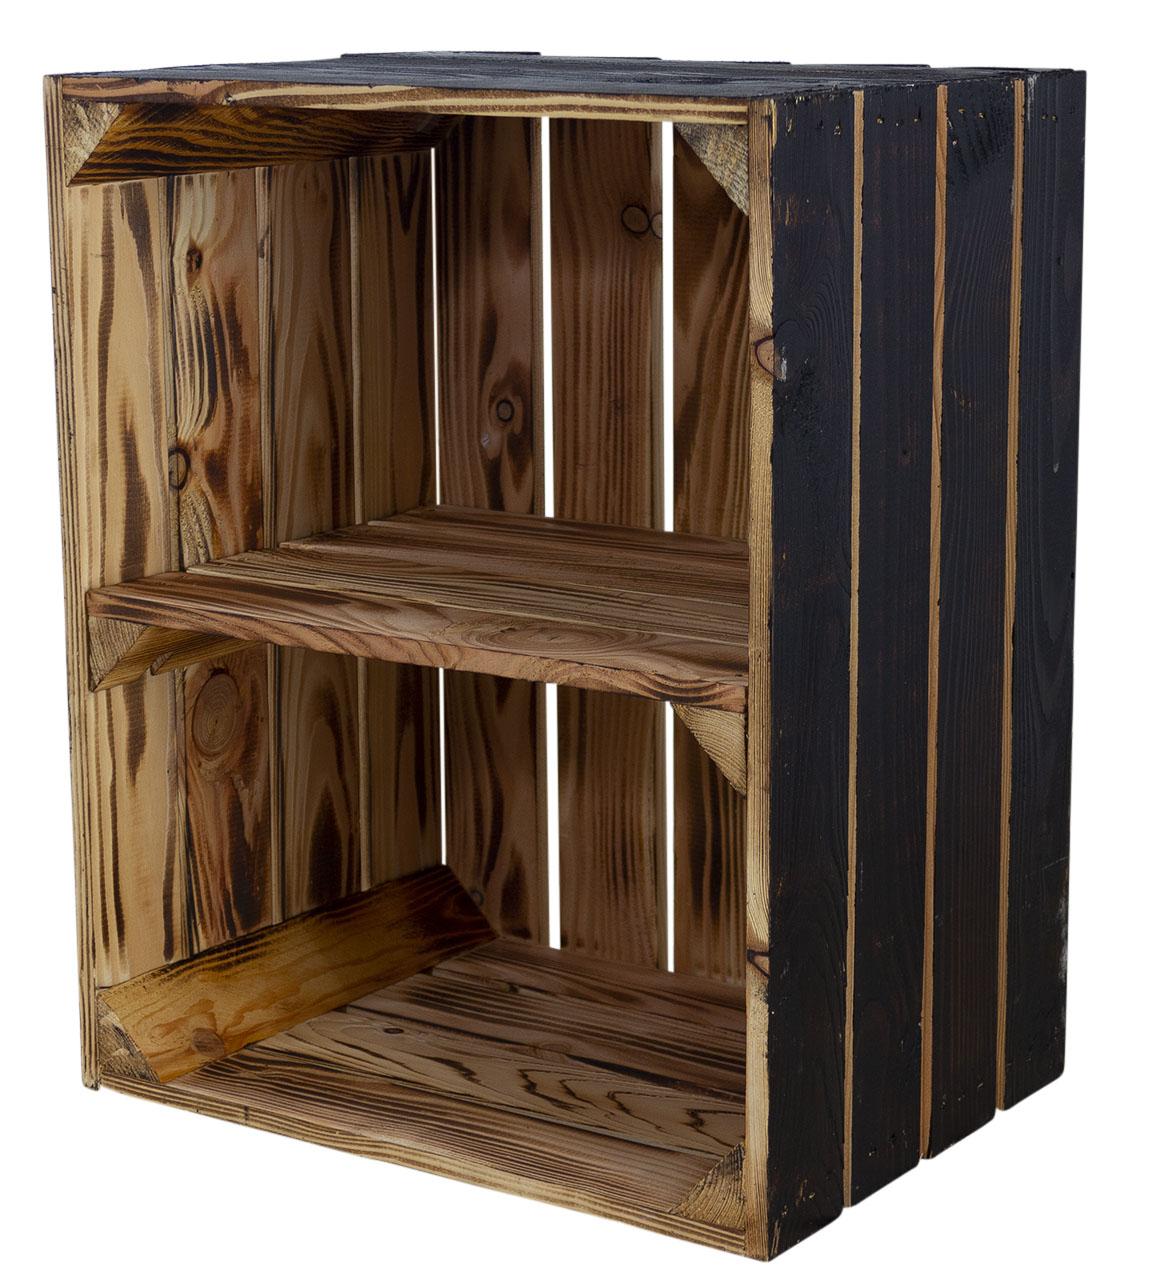 Holzkiste mit Mittelbrett quer - außen schwarz innen geflammt 50x40x30cm